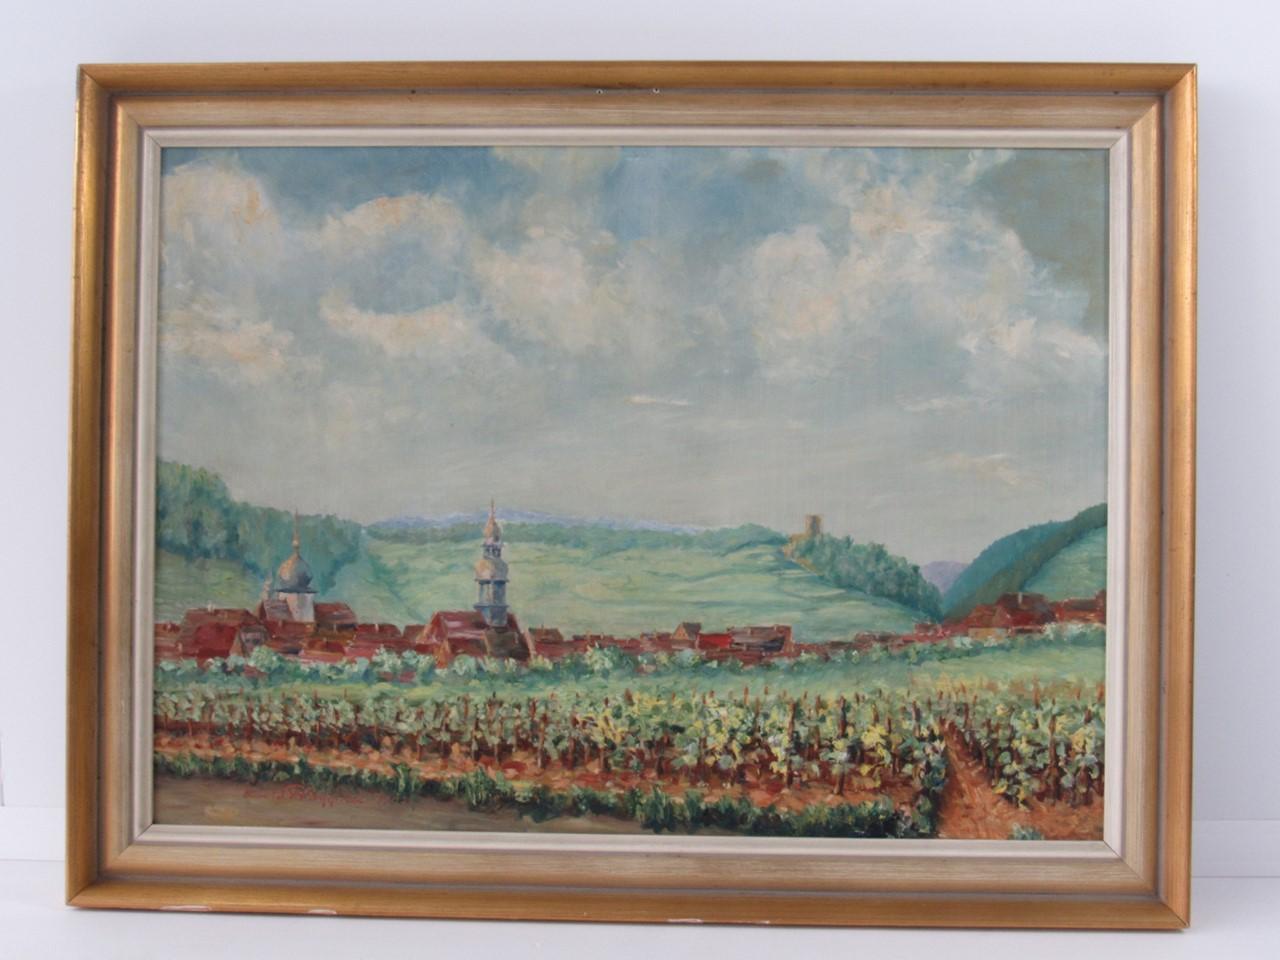 Ölgemälde Wachenheim mit Wachtenburg, 20. Jahrhundert, sign. & dat ...